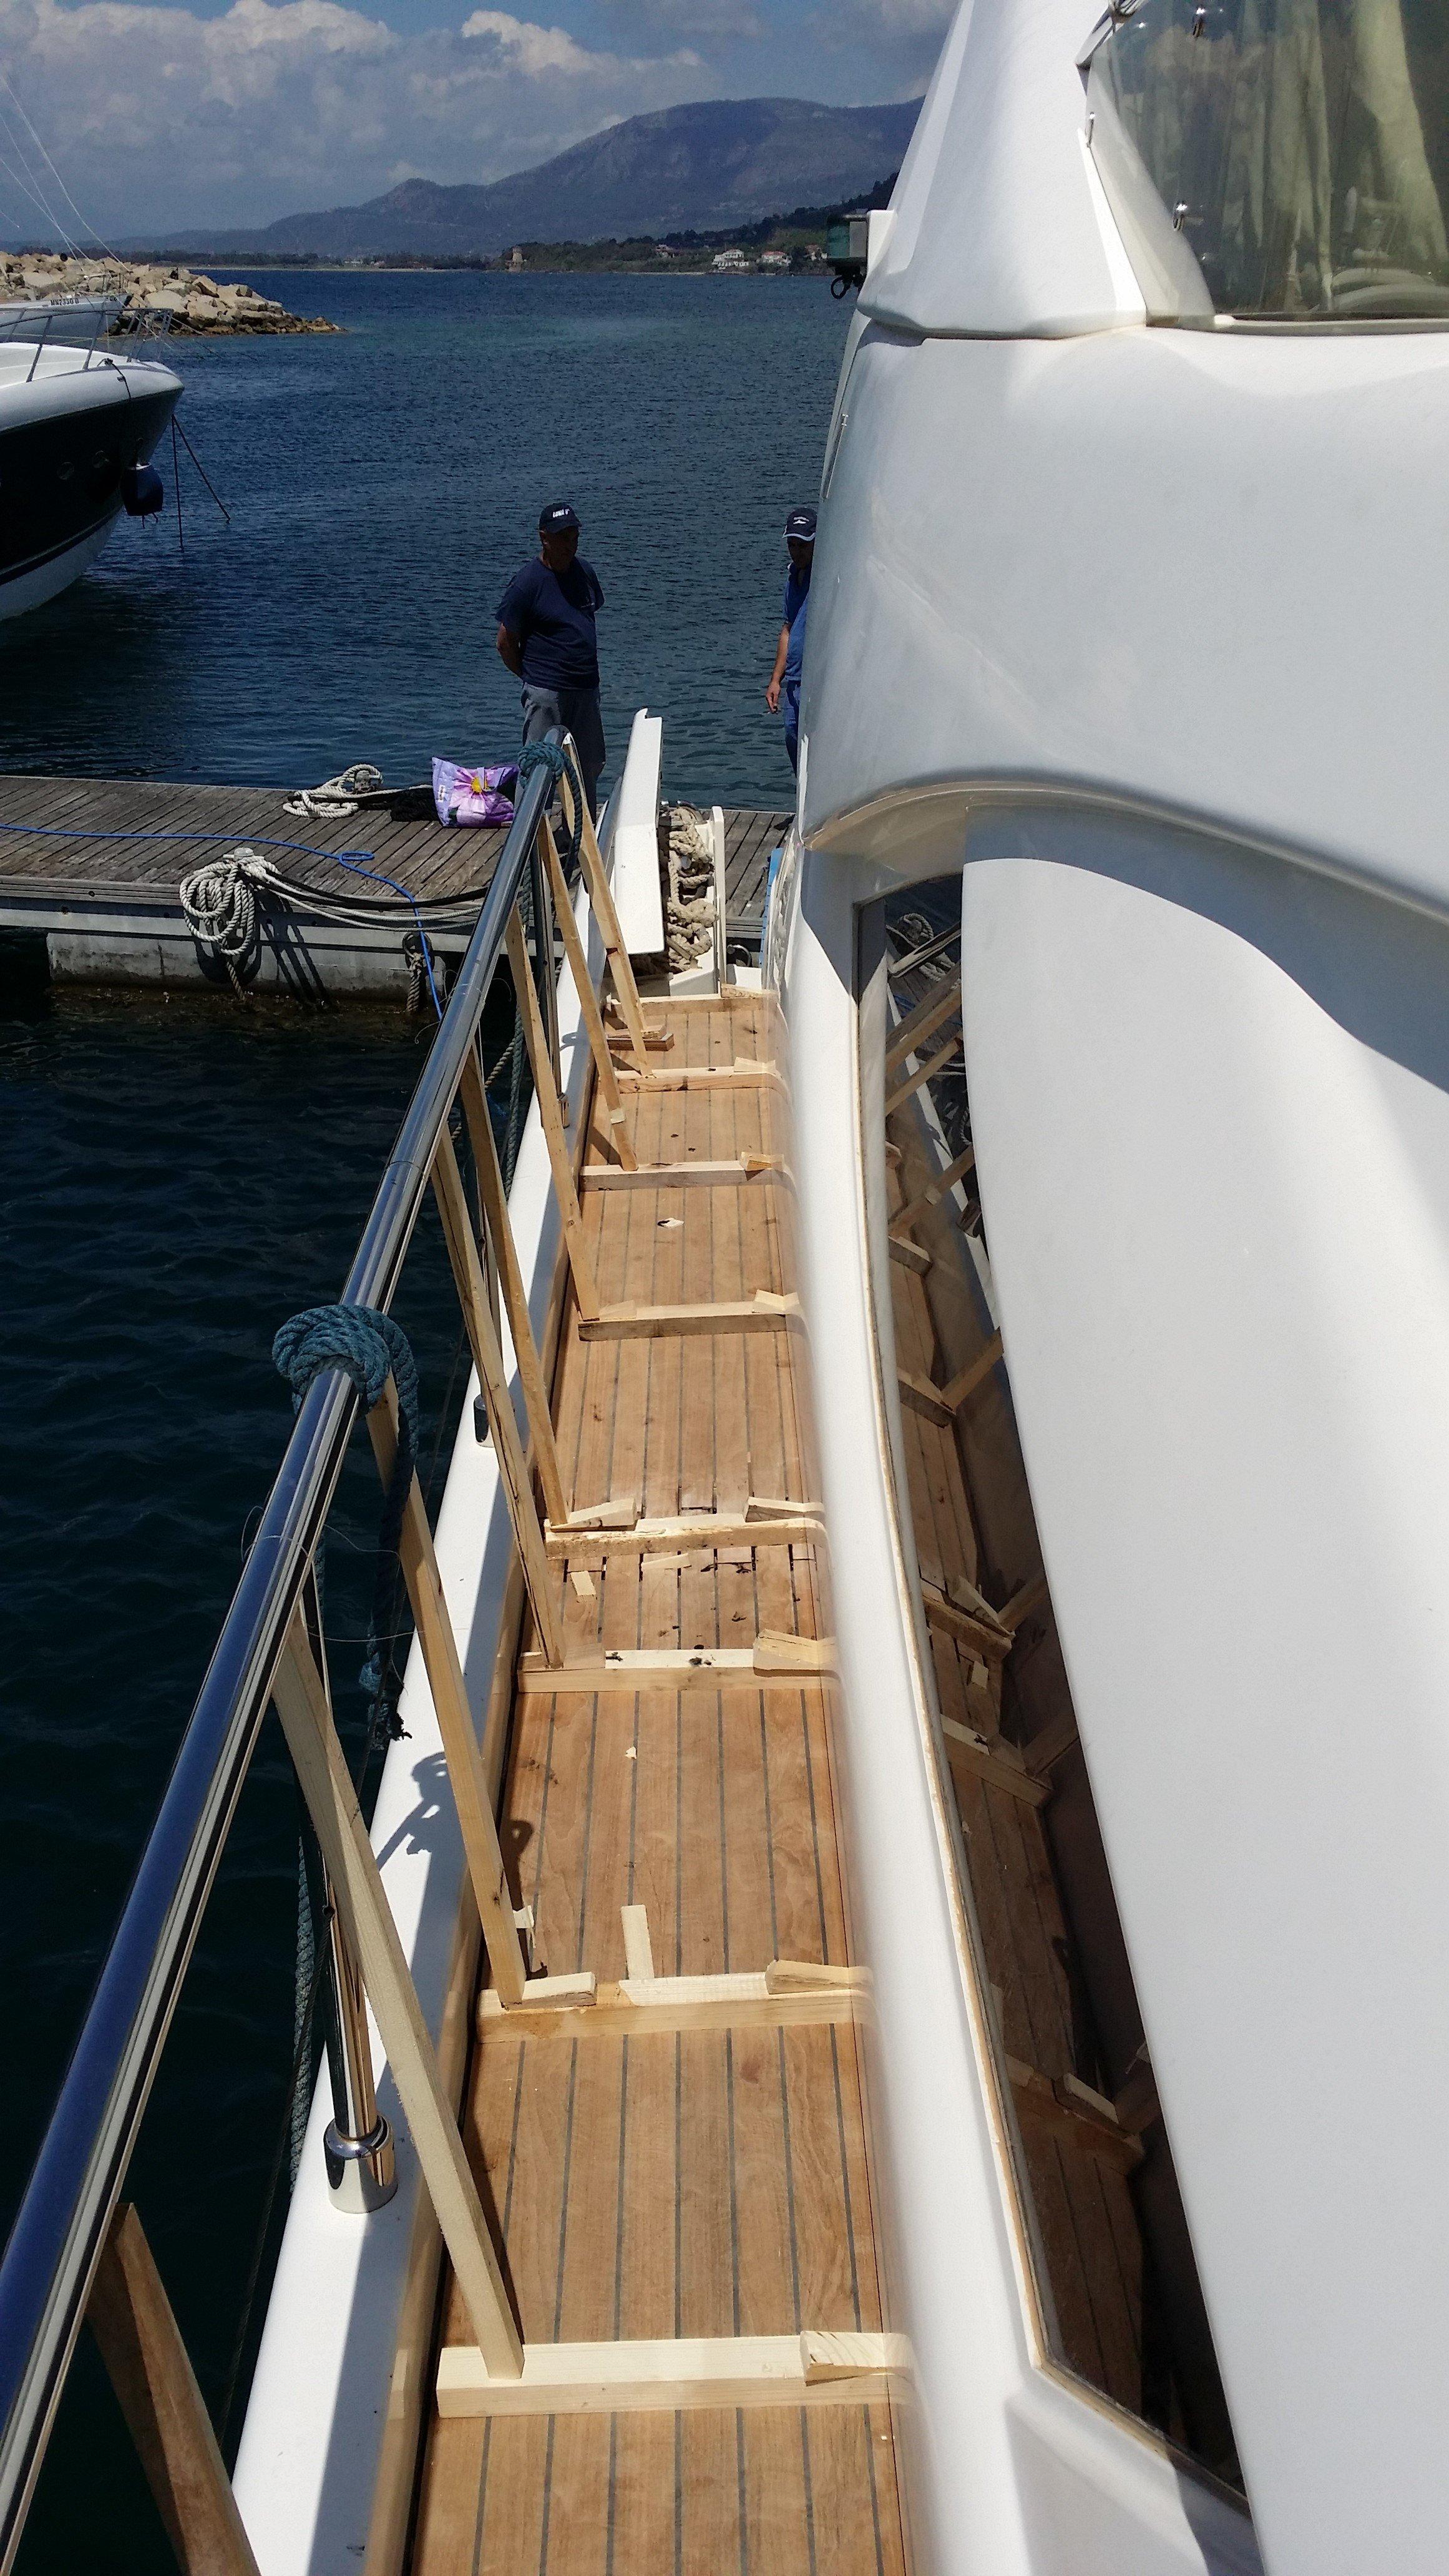 realizzazione lavori restauro barche